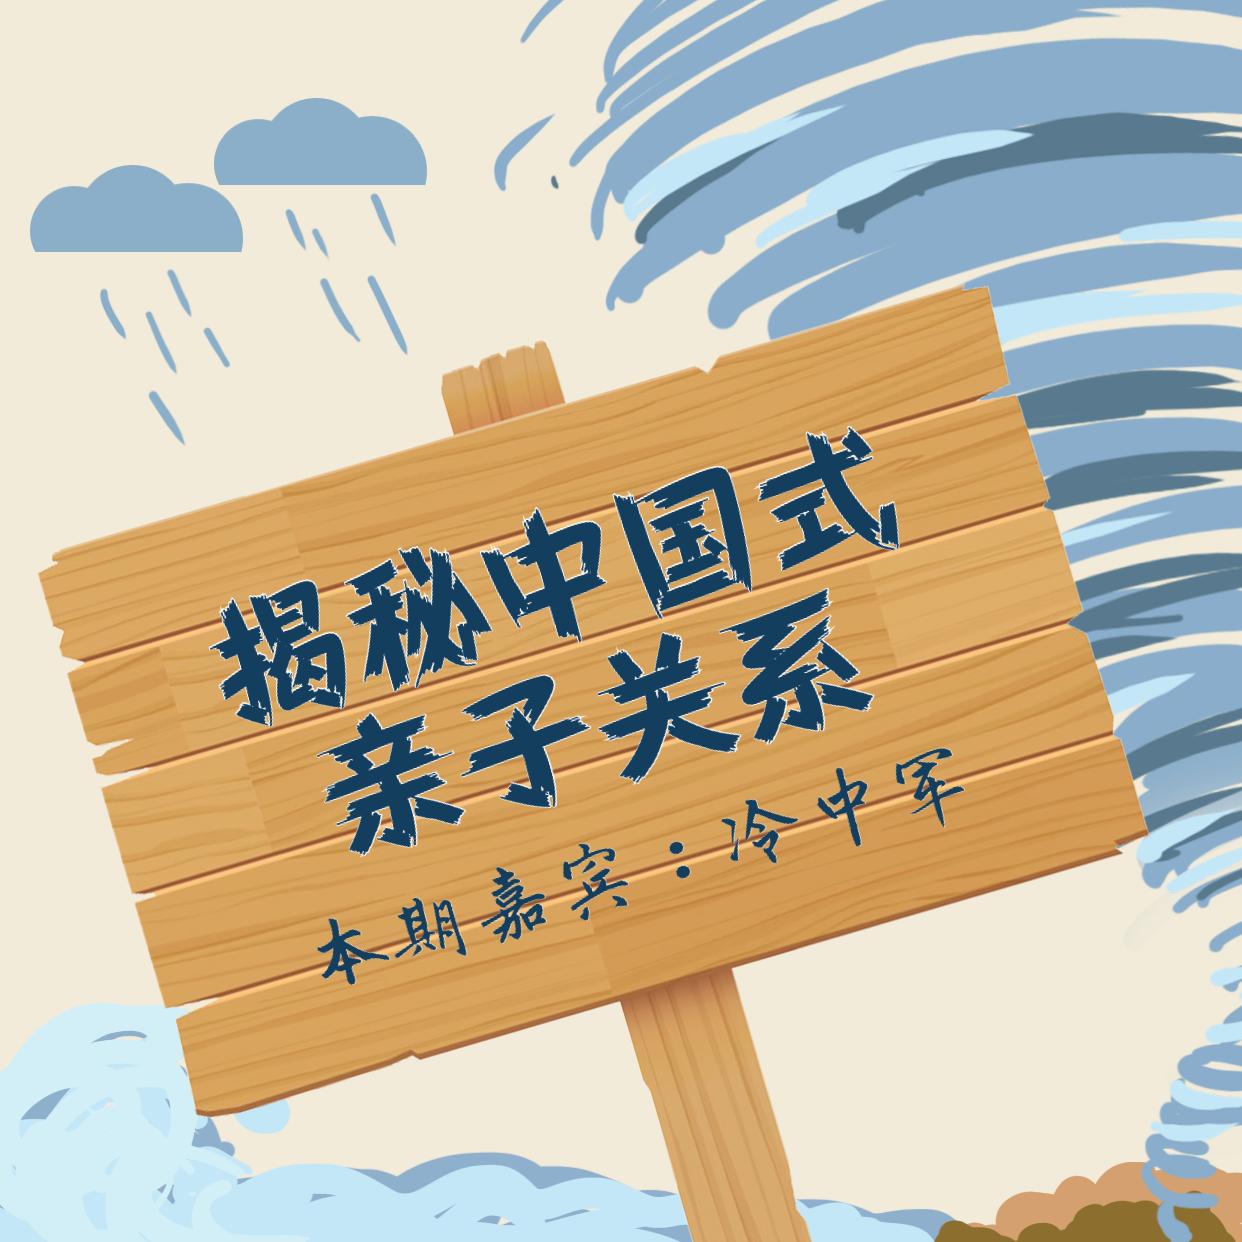 健康有道特别节目—-揭秘中国式亲子关系